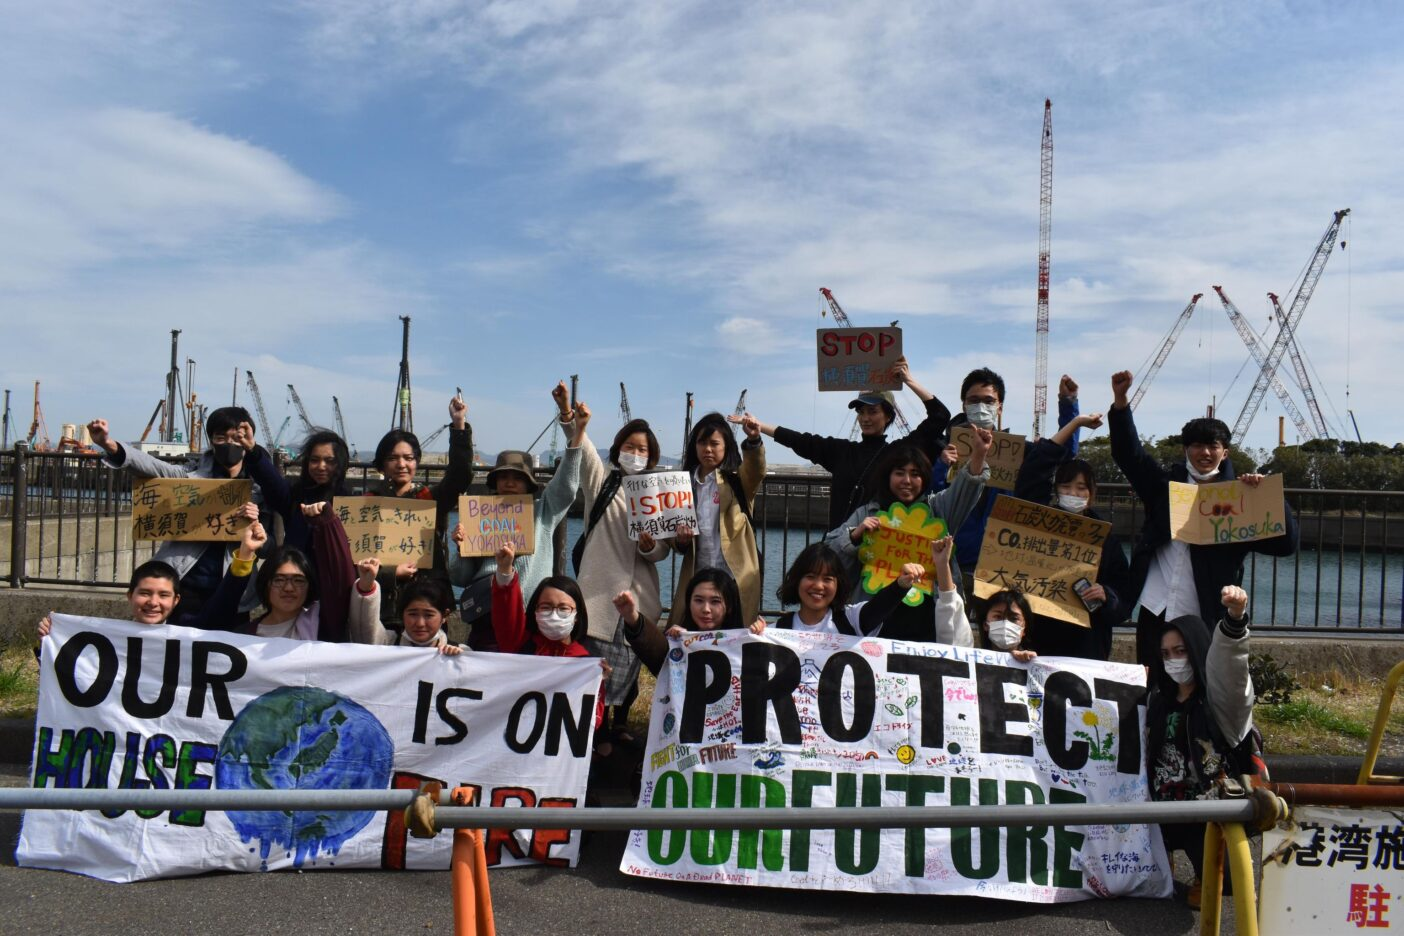 横須賀市議会前でのスピーチアクションのあと、コロナ禍でも2023年の稼働に向けて着々と建設されている横須賀石炭火力発電所。FFF Yokosukaとアクションに参加してくれた仲間とともに。写真:鈴木 弥也子